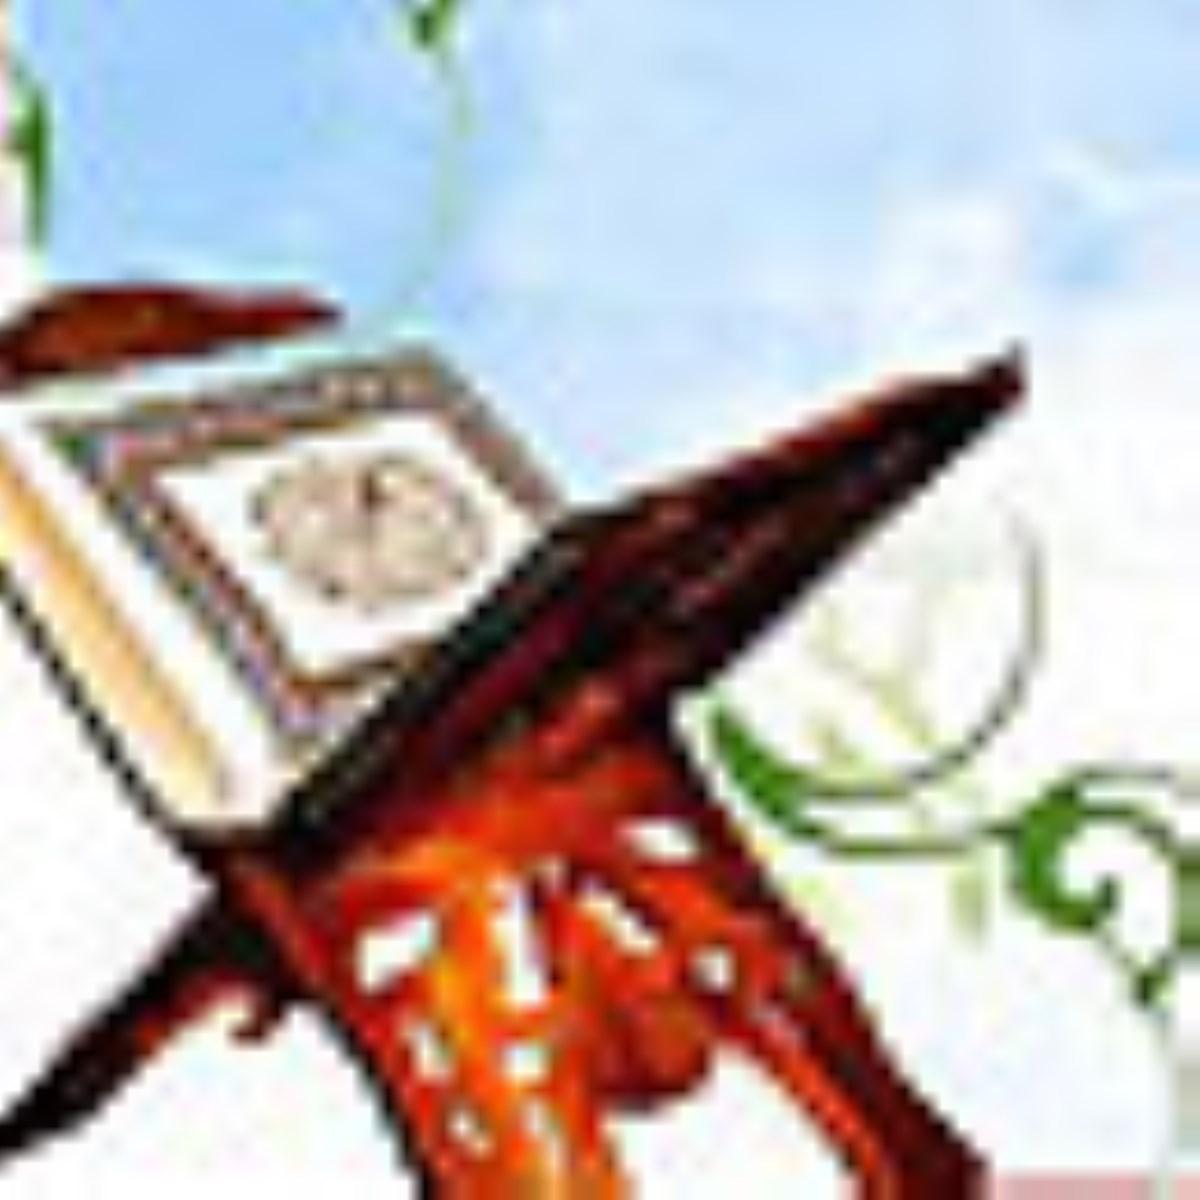 بررسى ديدگاه هاى مختلف پيرامون تفسير علمى قرآن